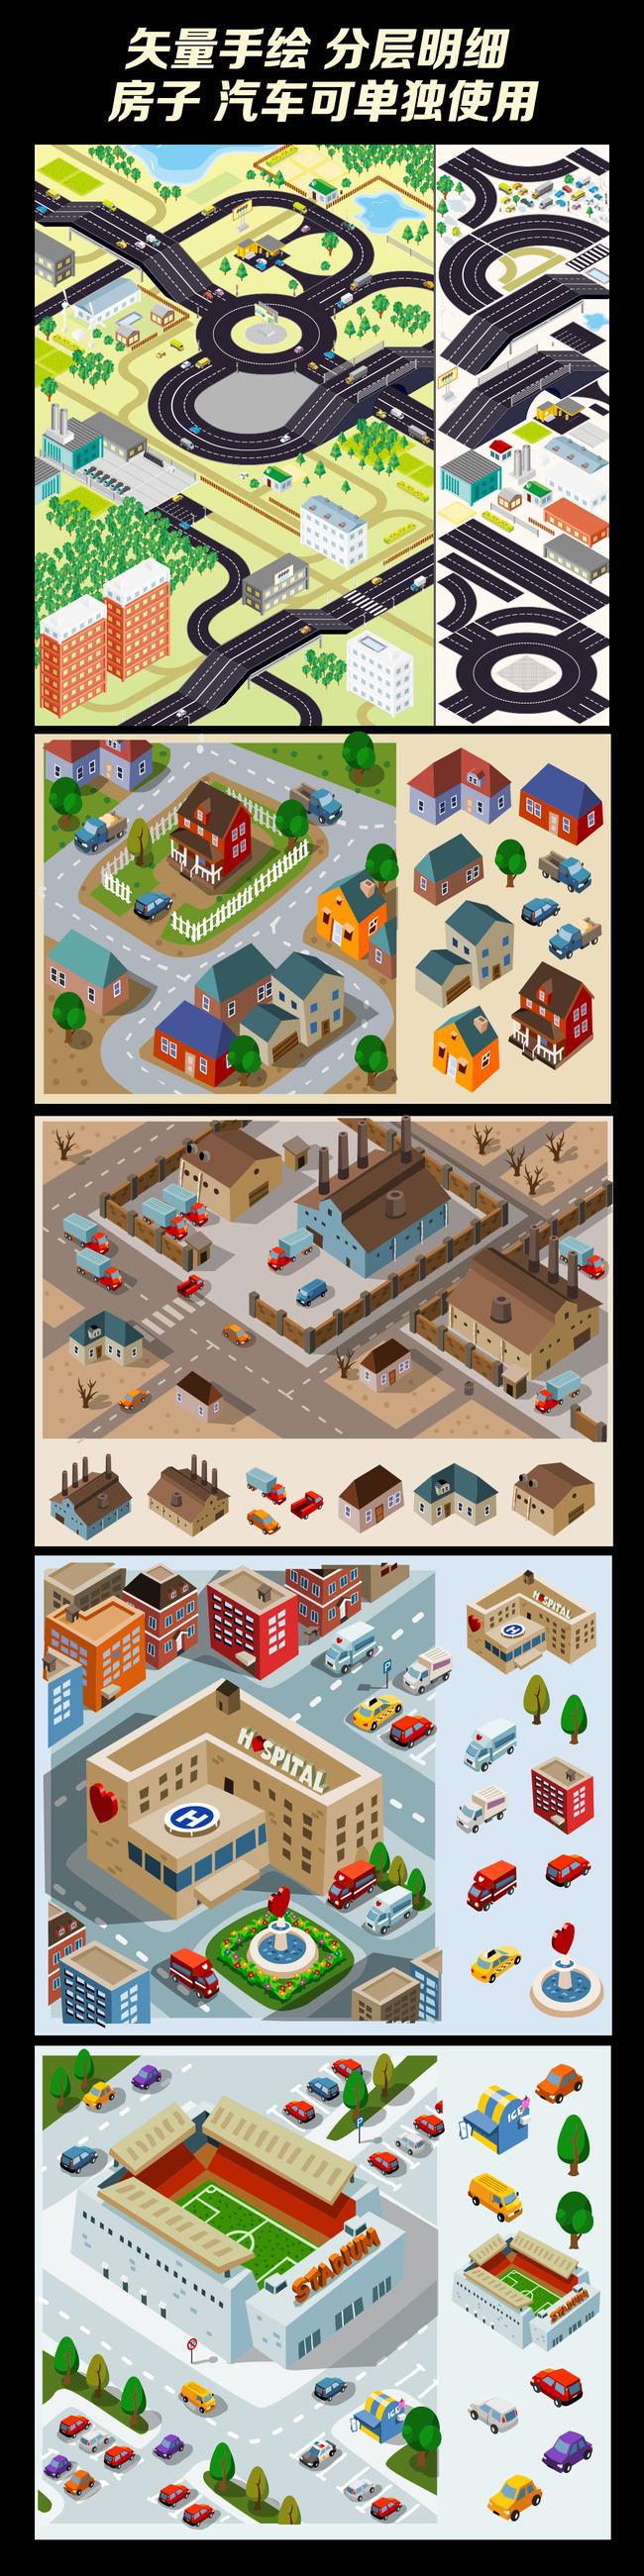 房子汽车城市卡通矢量手绘